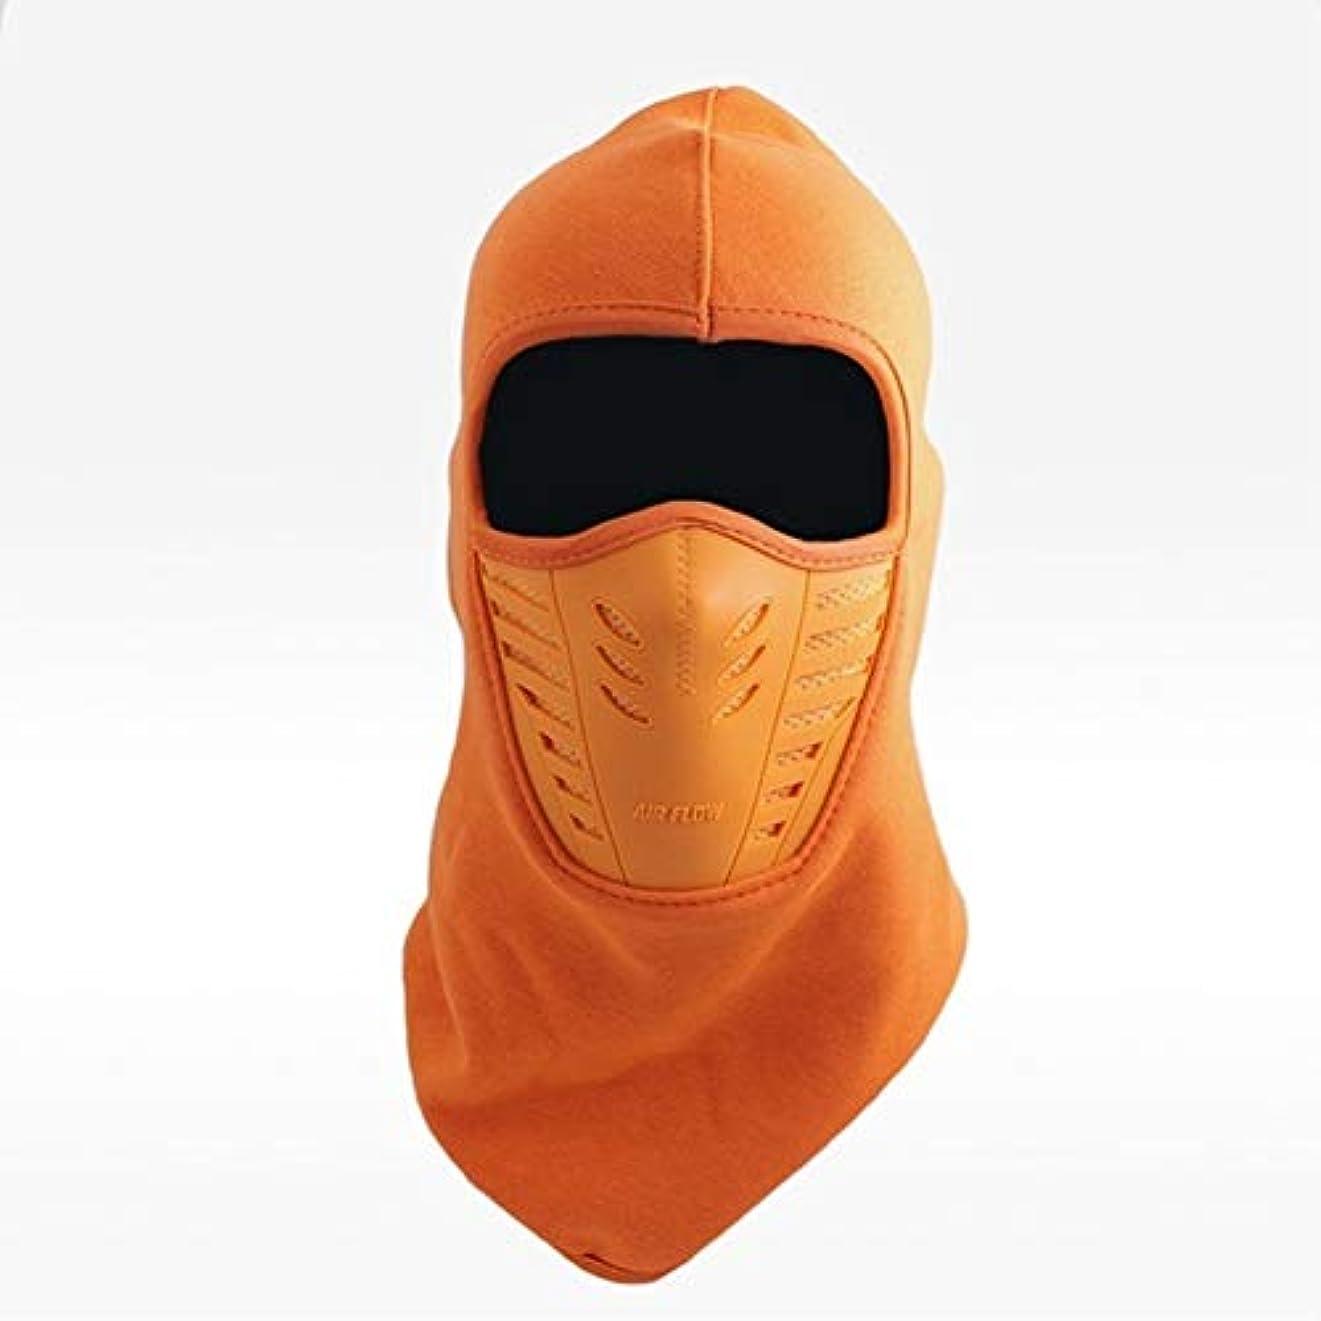 過激派投獄大陸ACHICOO フェイスマスク 自転車 熱 冬暖かい 防風 防寒 帽子 風防 オートバイ ハットネック ヘルメットビーンズ